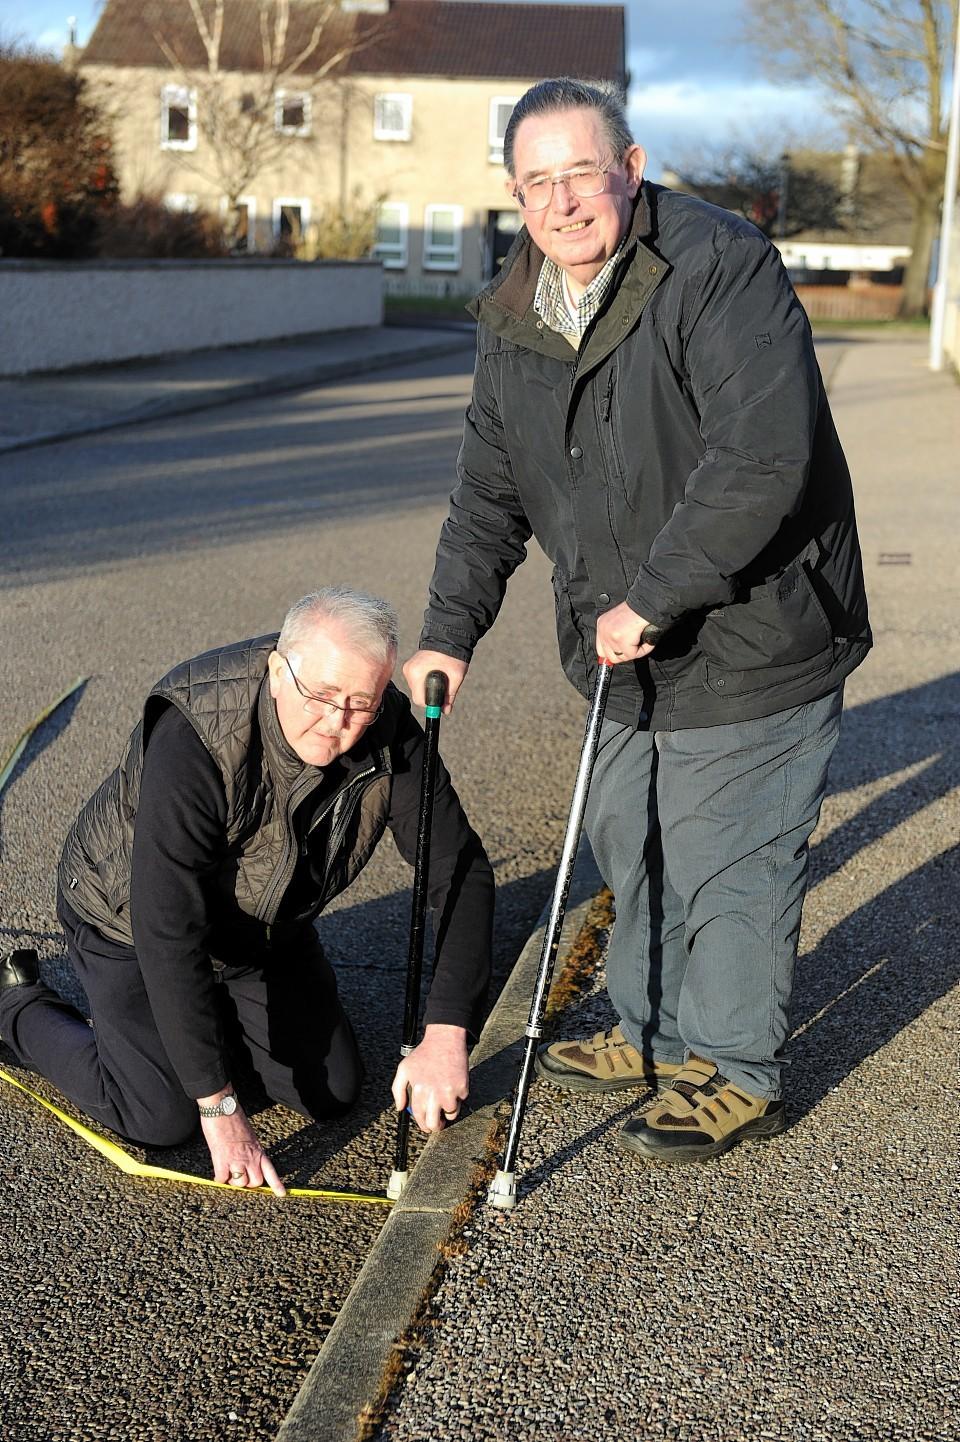 John Hamilton and Robert Murdoch